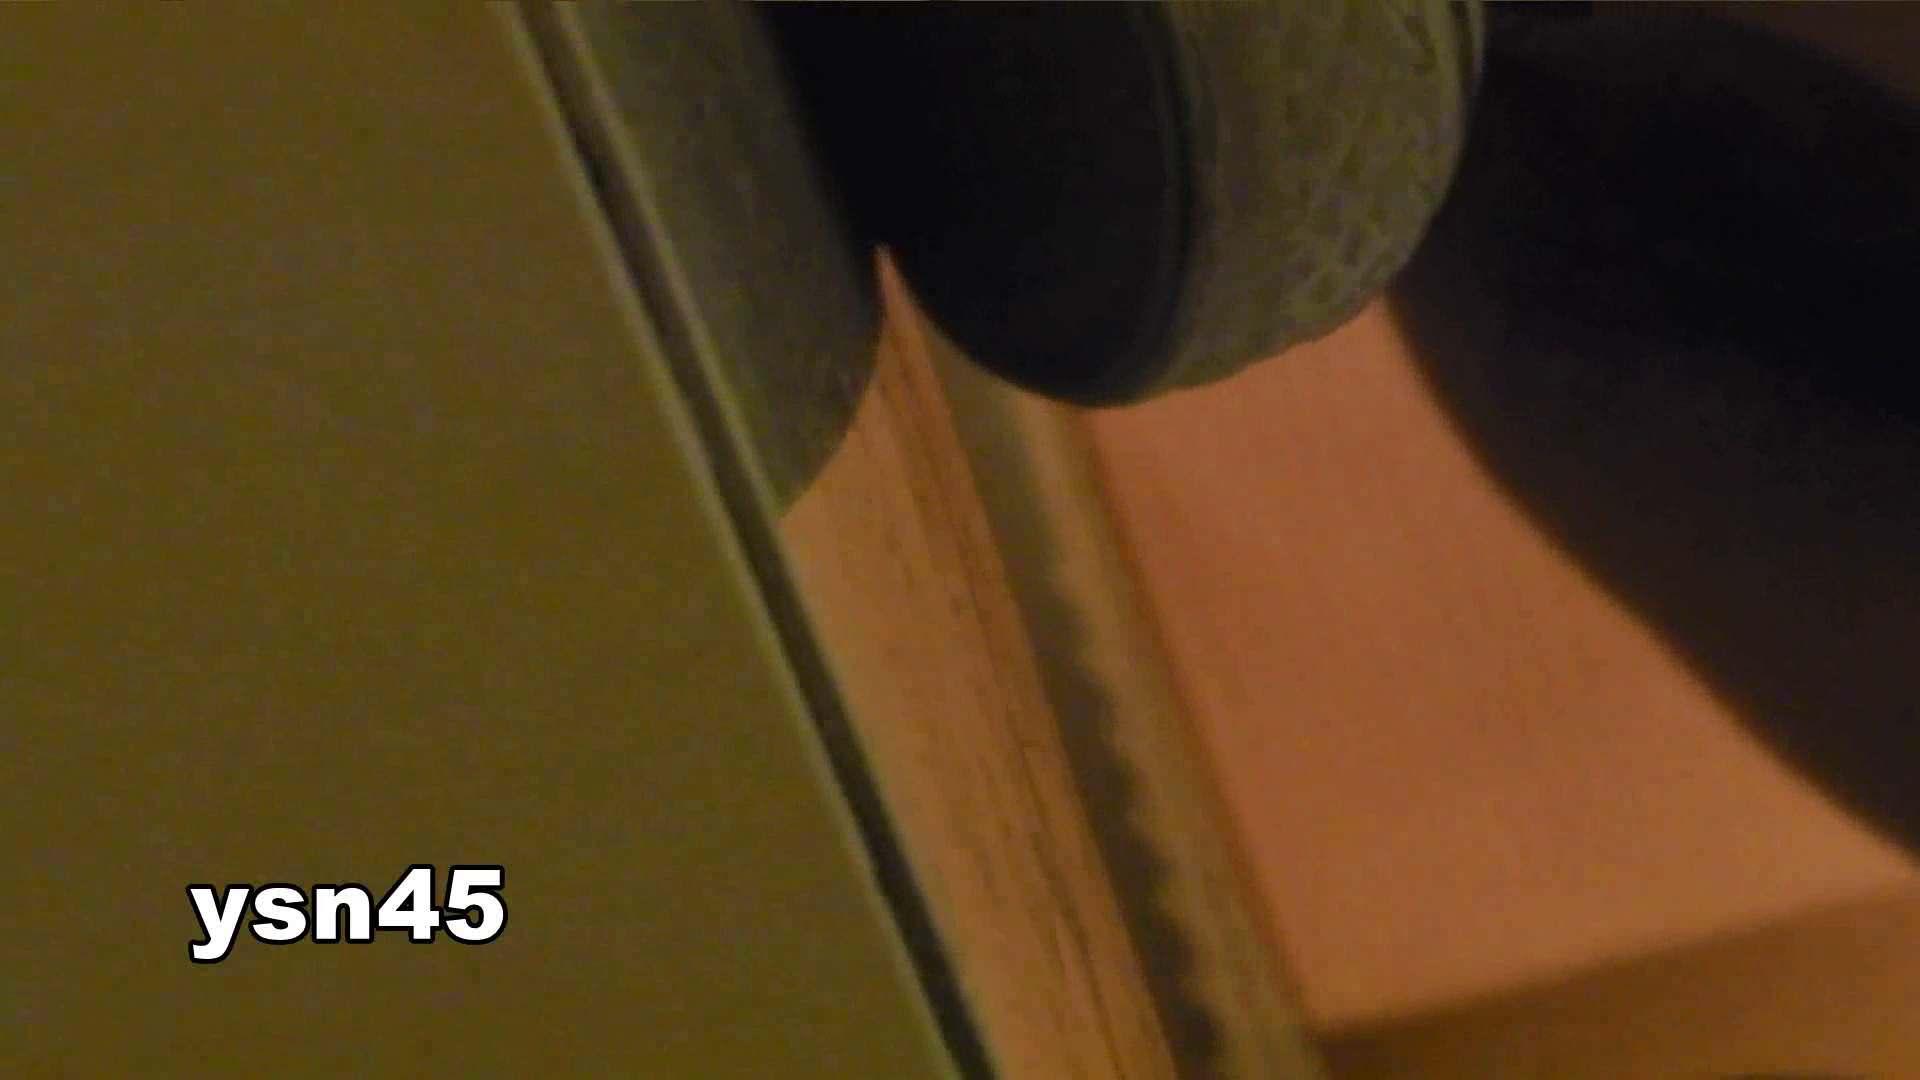 世界の射窓から vol.45 尻出しスマホ OLのボディ | 洗面所  87PIX 37